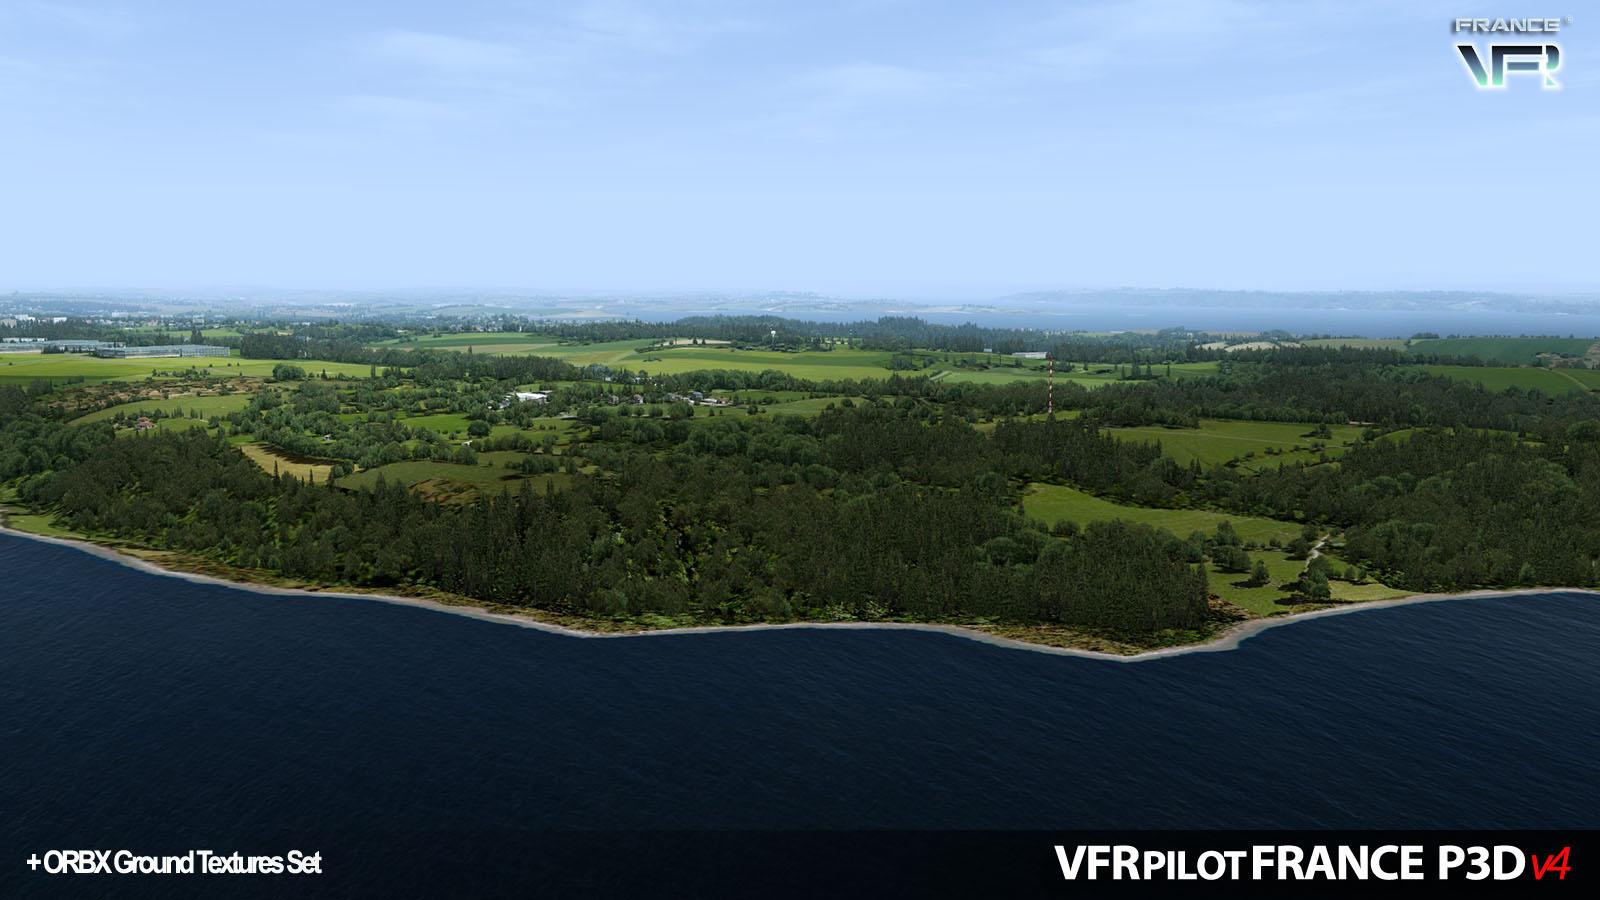 VFRFRAP3D_36